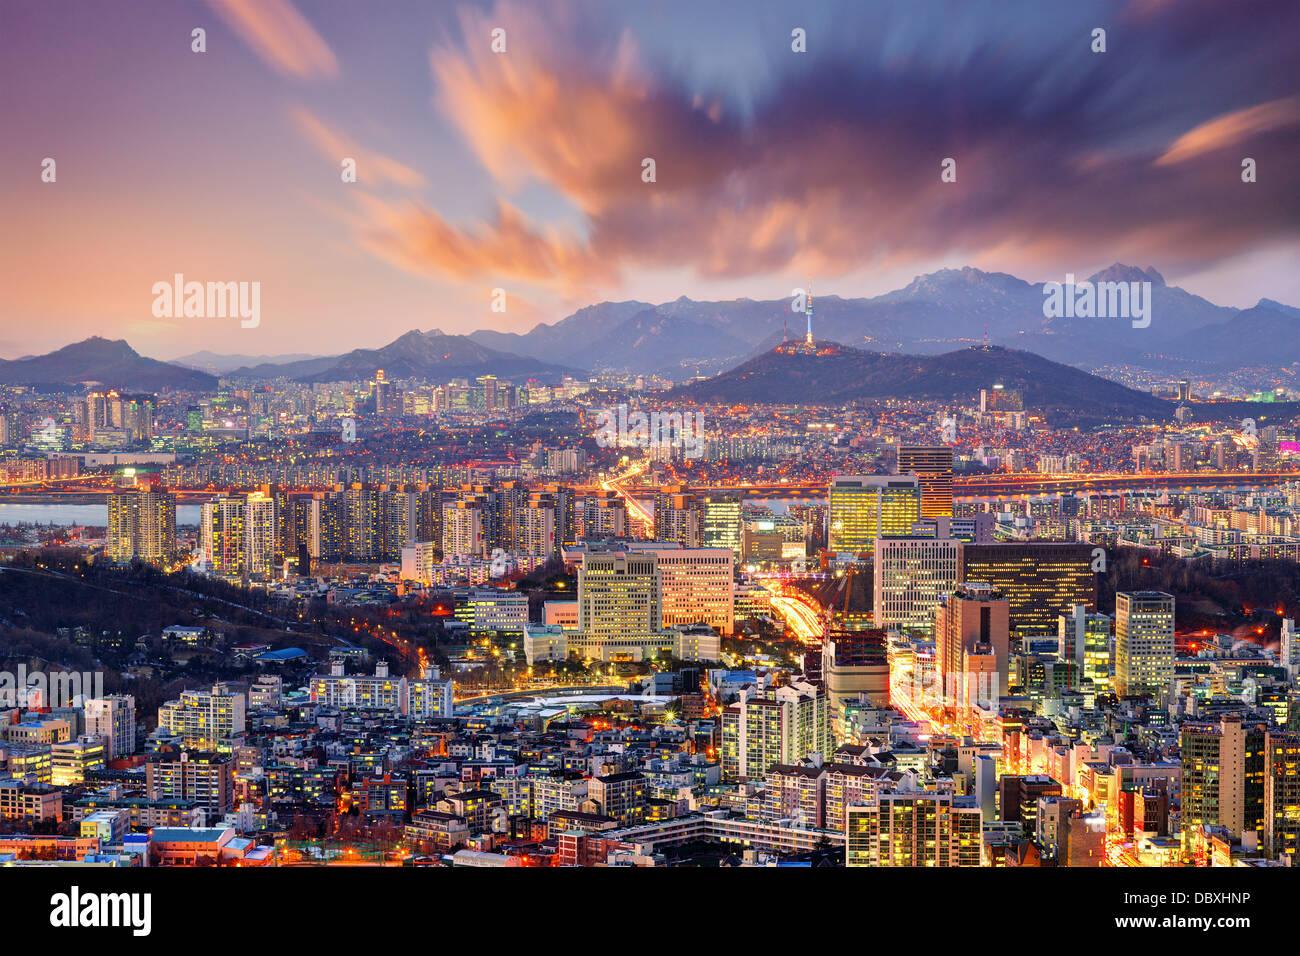 Die Innenstadt von Seoul, Südkorea, USA. Stockbild